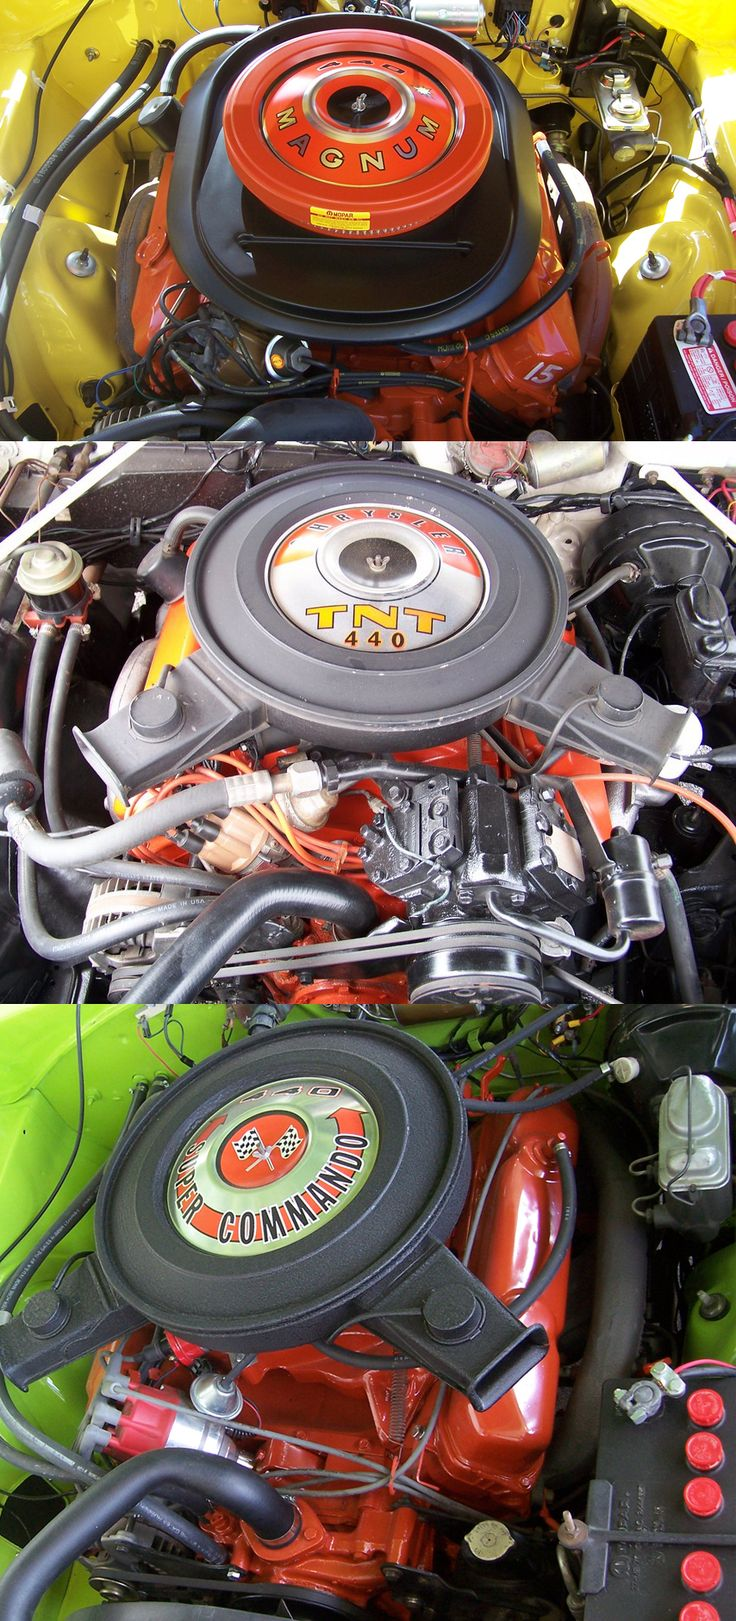 The Mopar 440's